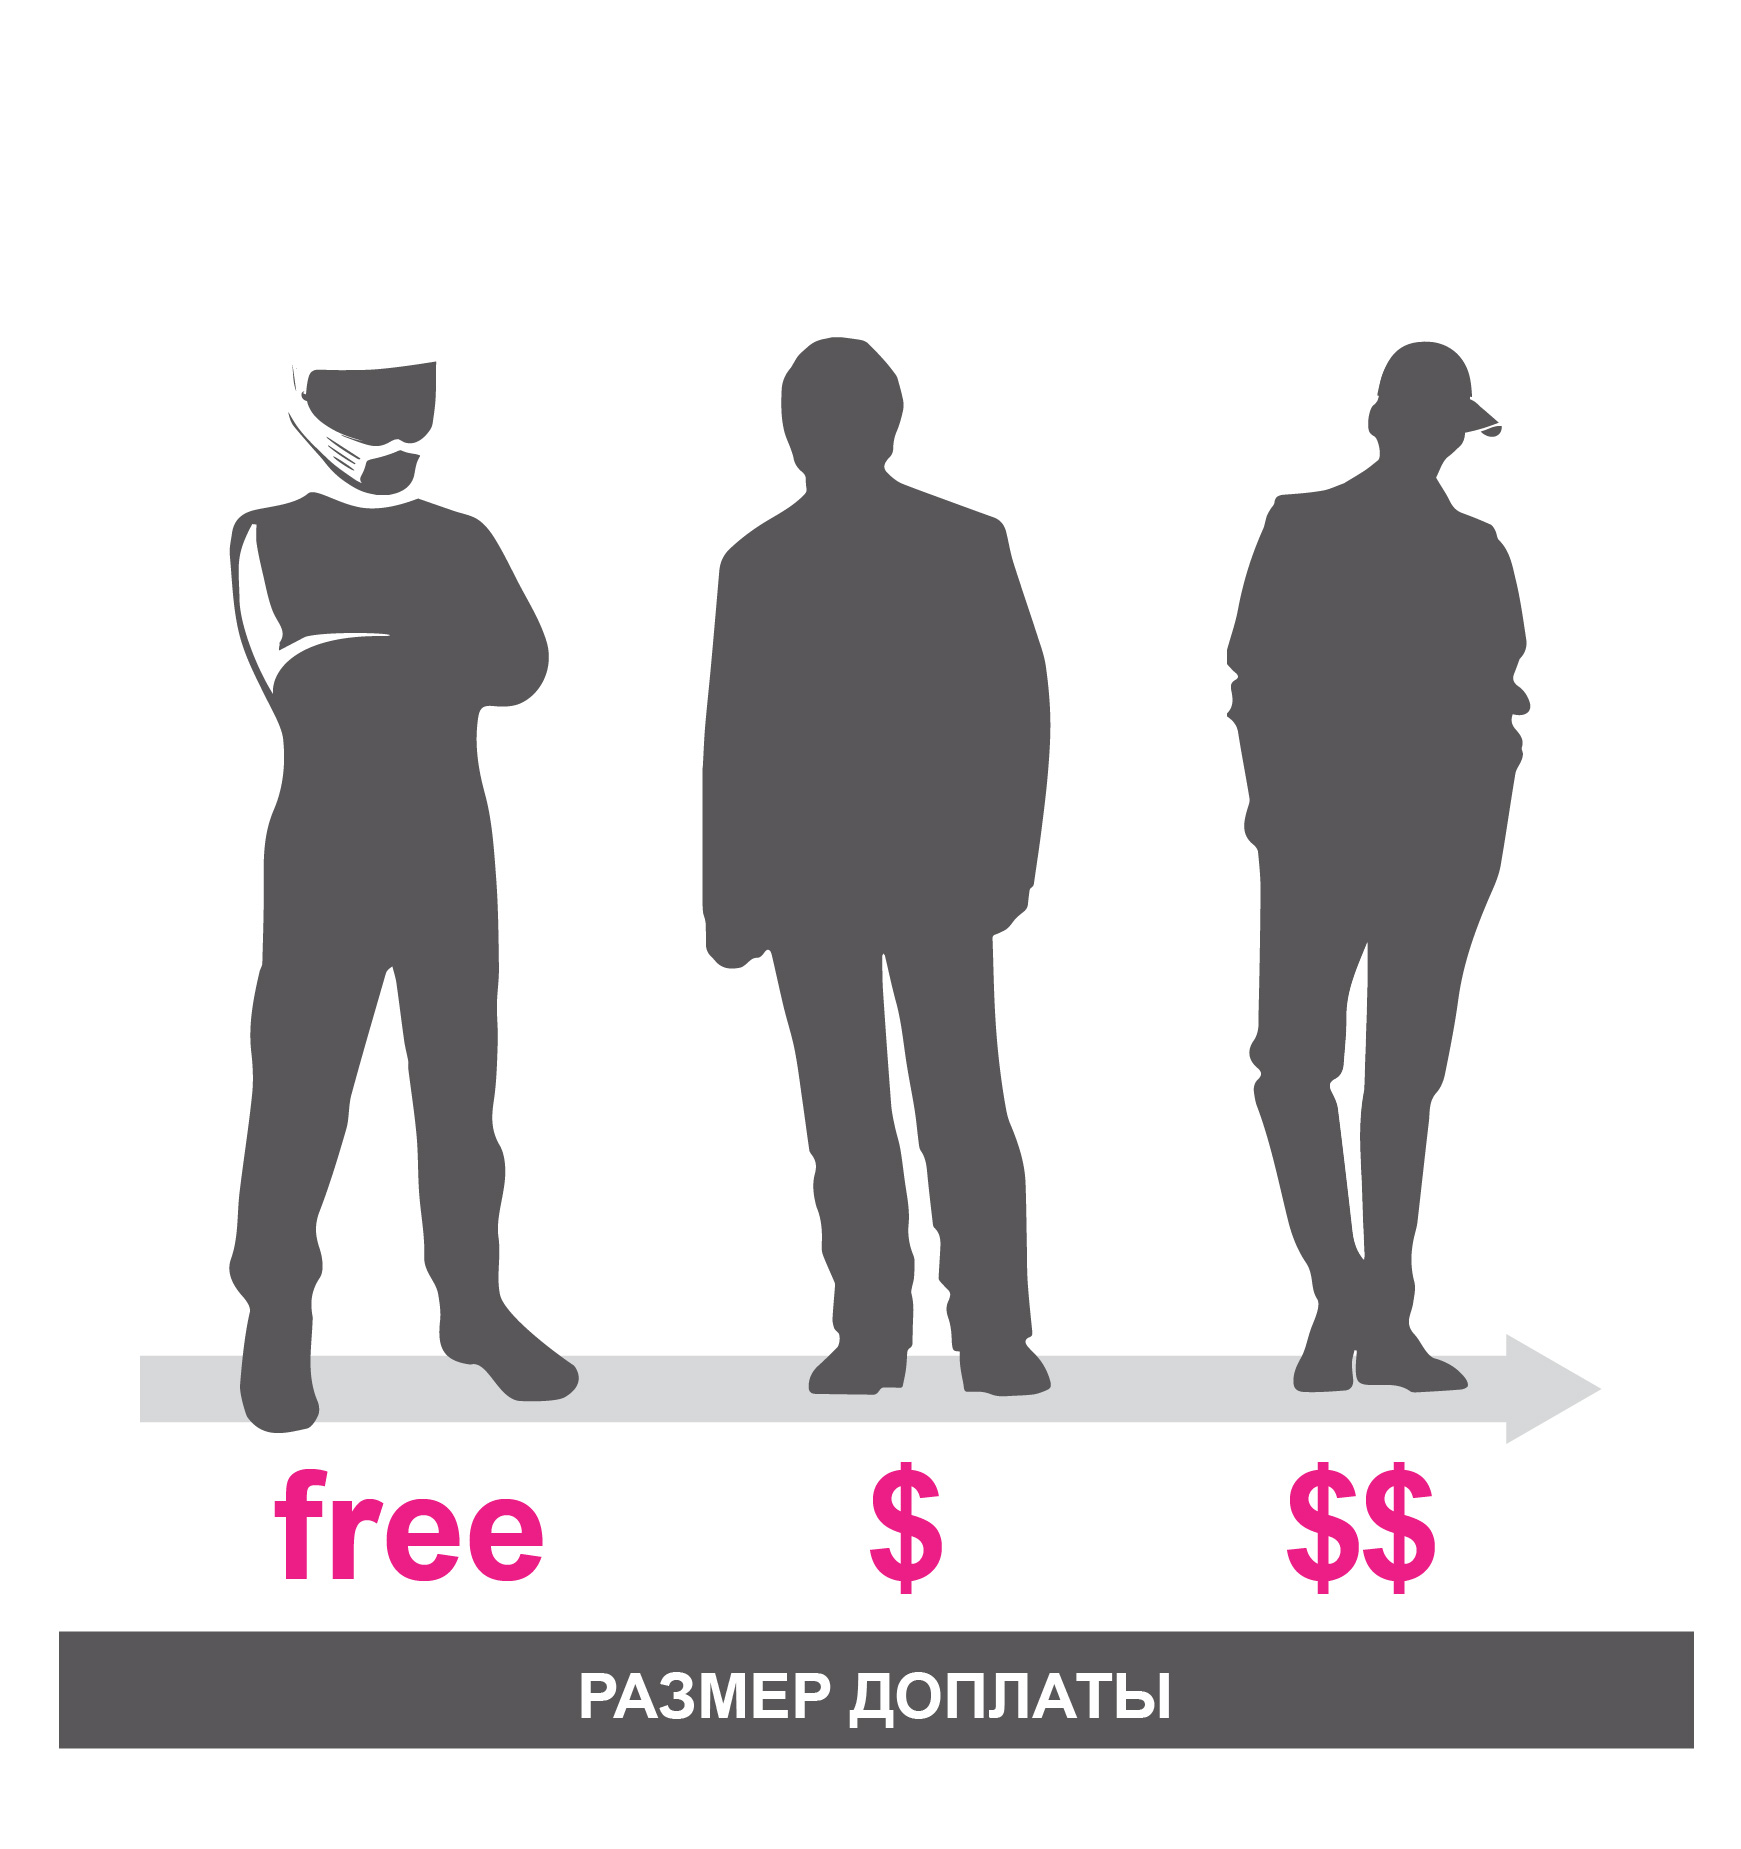 Материальная помощь: Бухгалтерский и налоговый учет